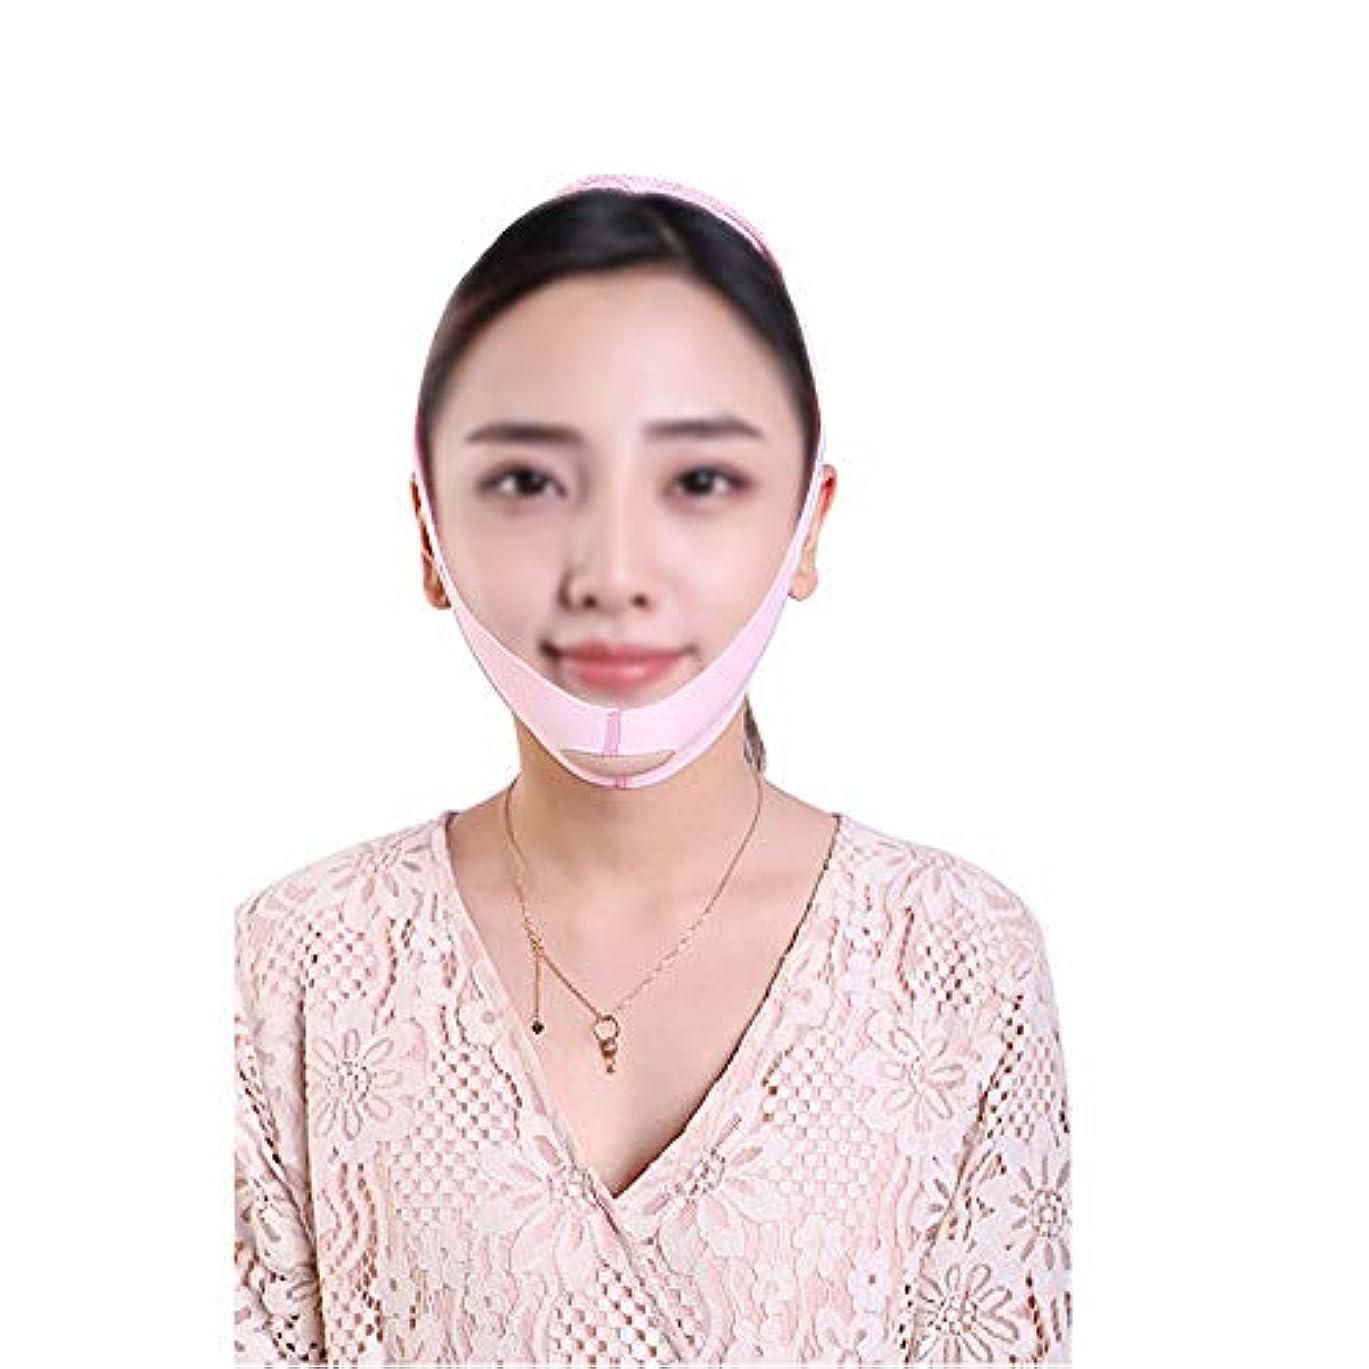 アークセメント夕暮れTLMY 薄いフェイスマスク引き締めアンチフロントドルーピングアーティファクト小さなVフェイス包帯マスク 顔用整形マスク